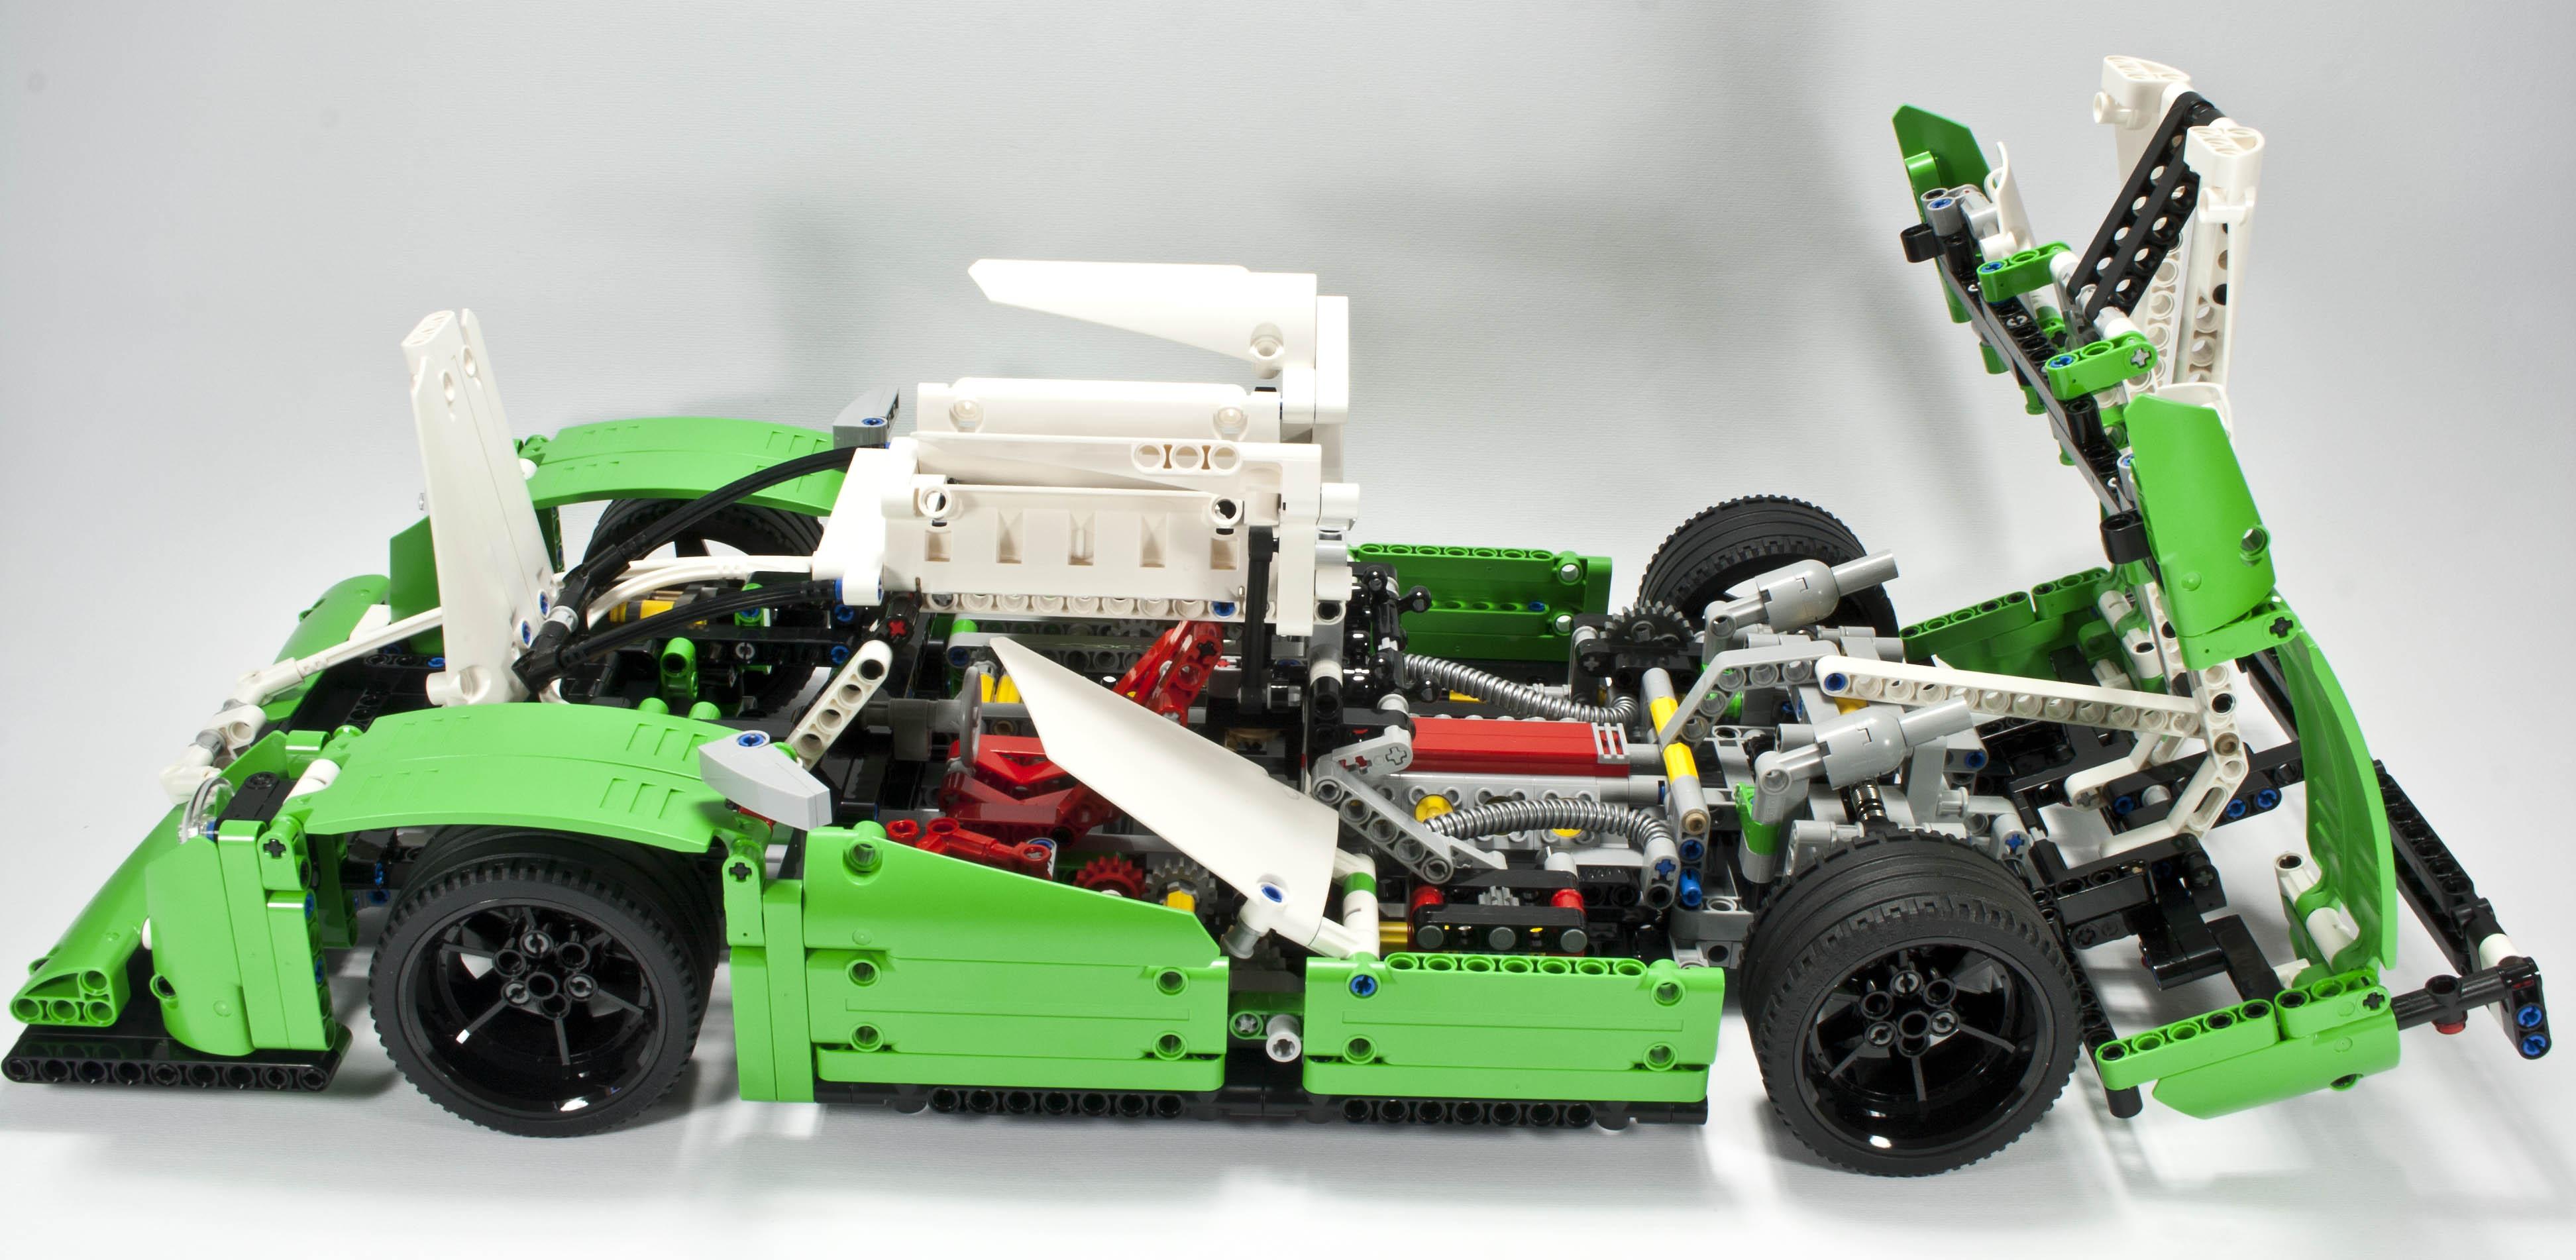 How Do You Build A Lego Race Car